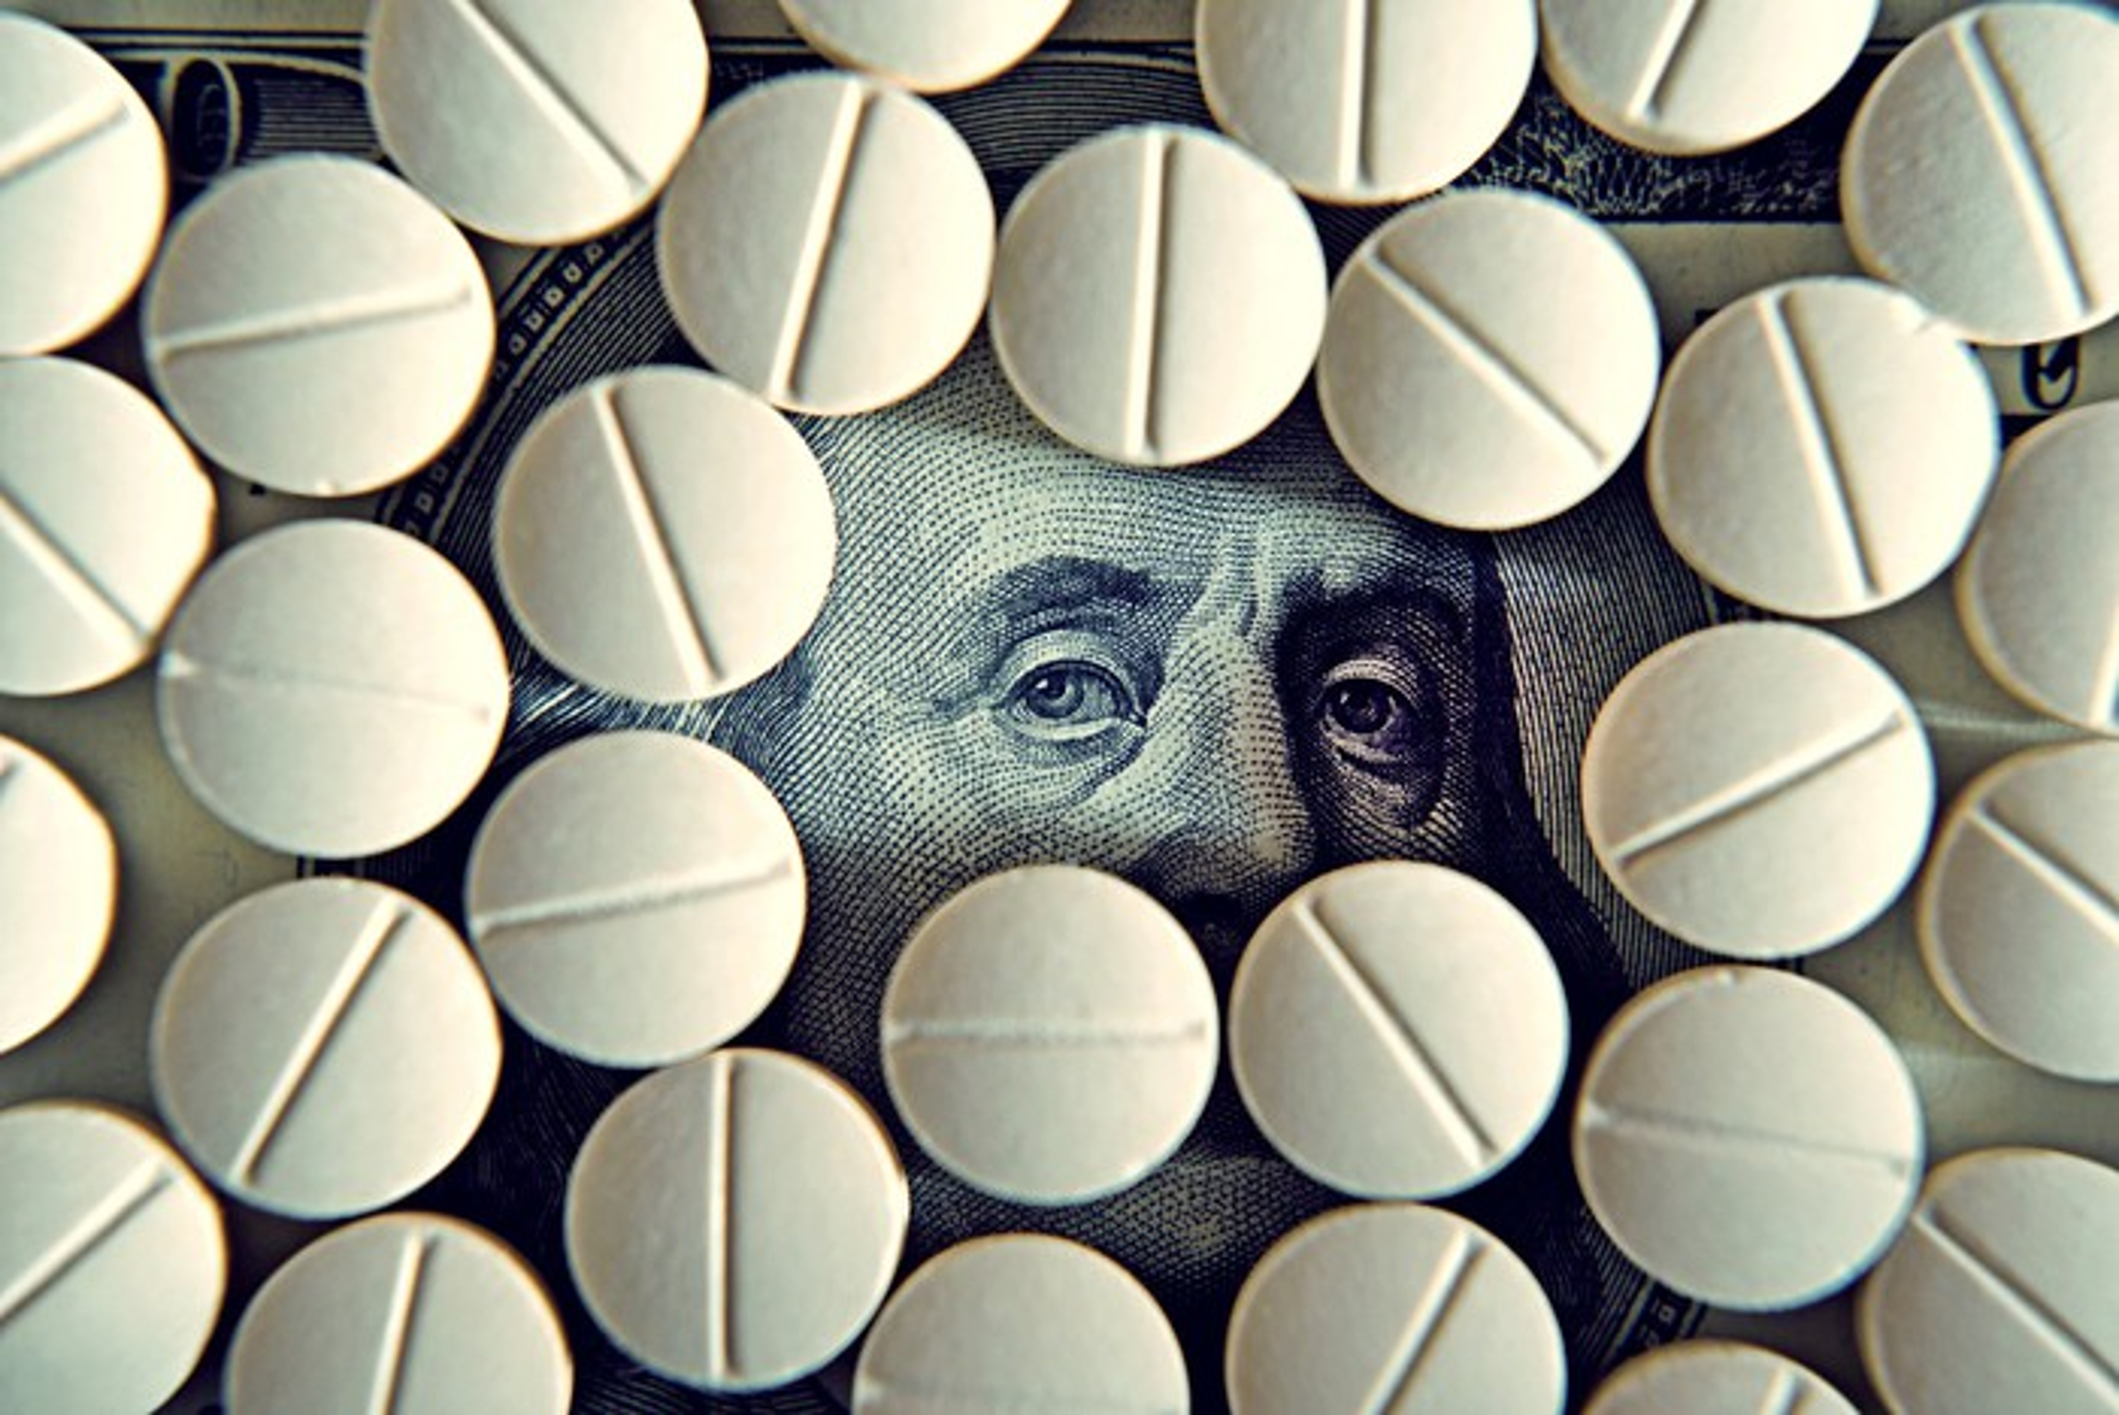 Generic drug tablets covering up a hundred dollar bill, save for Ben Franklin's eyes.